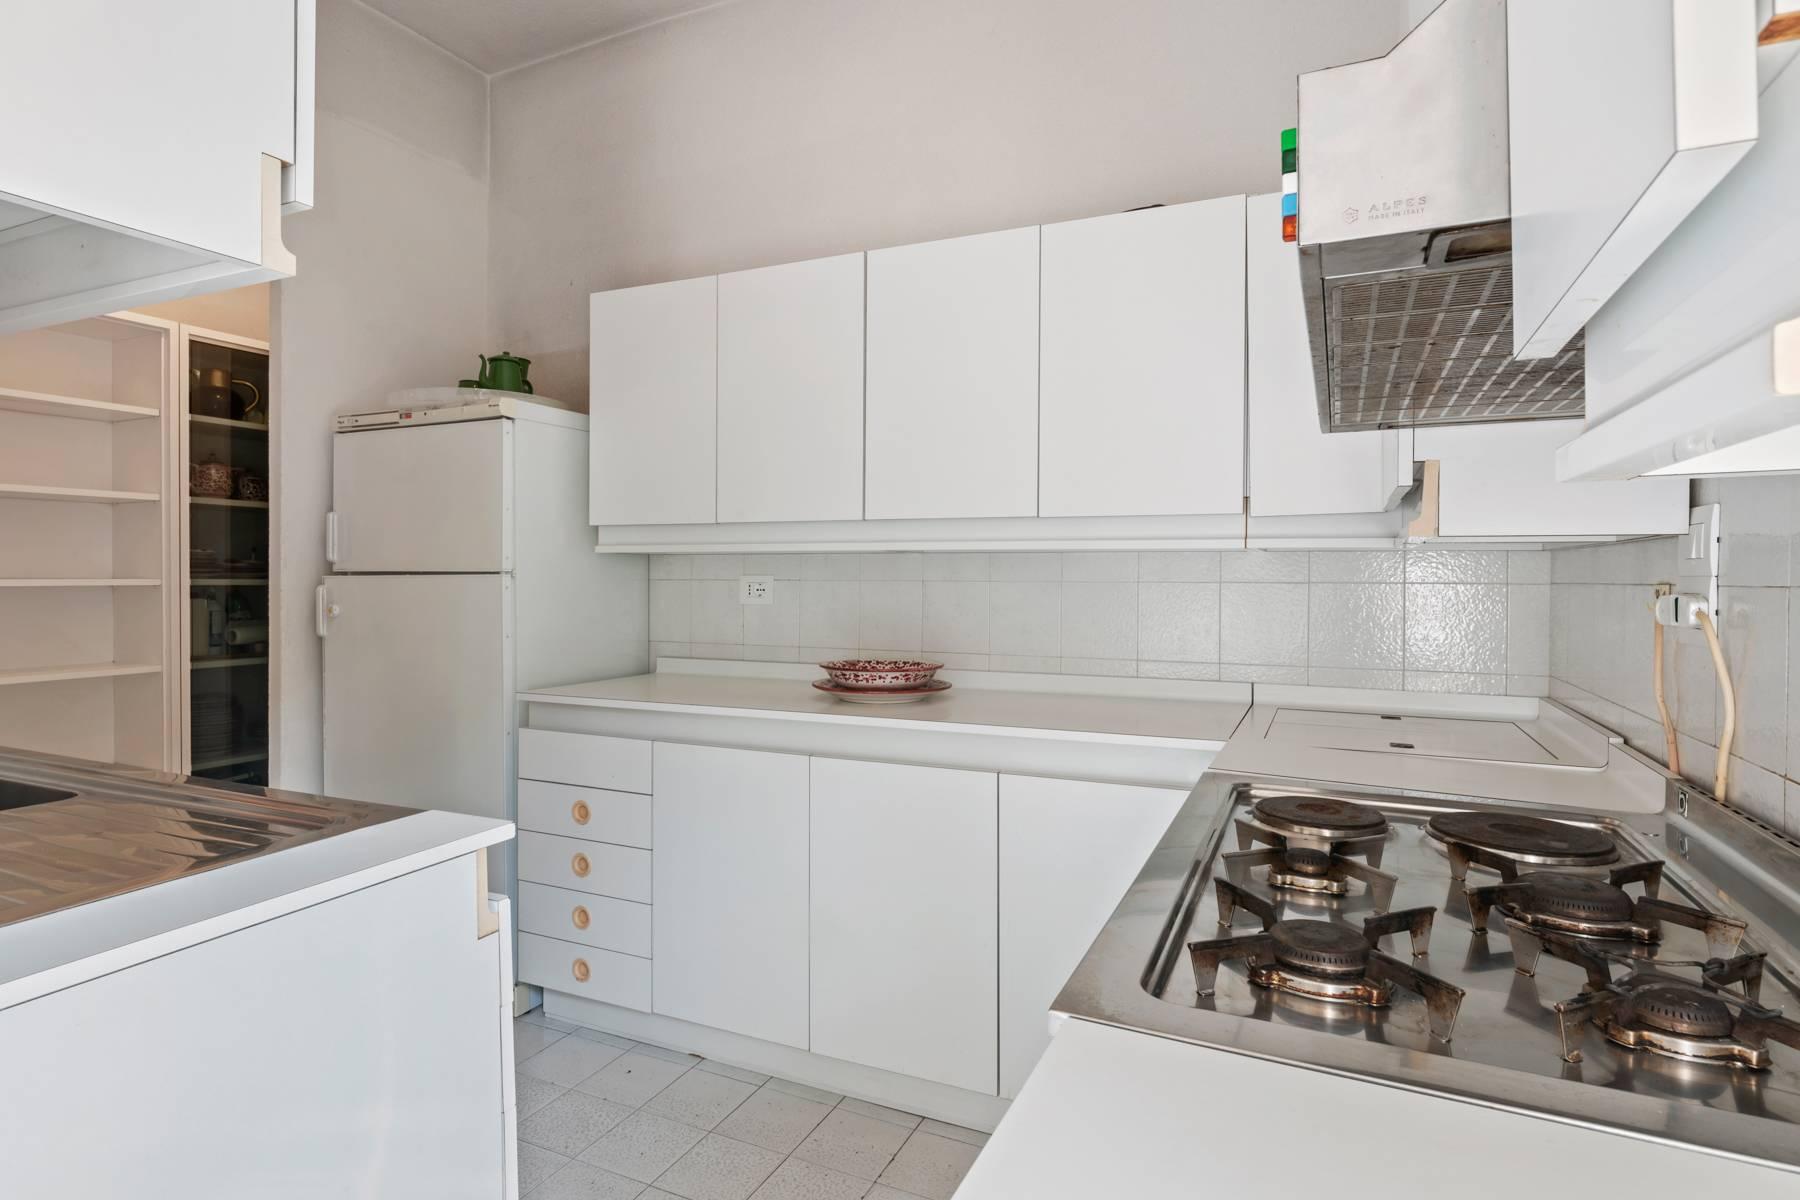 Appartamento in Vendita a Santa Margherita Ligure: 5 locali, 120 mq - Foto 16